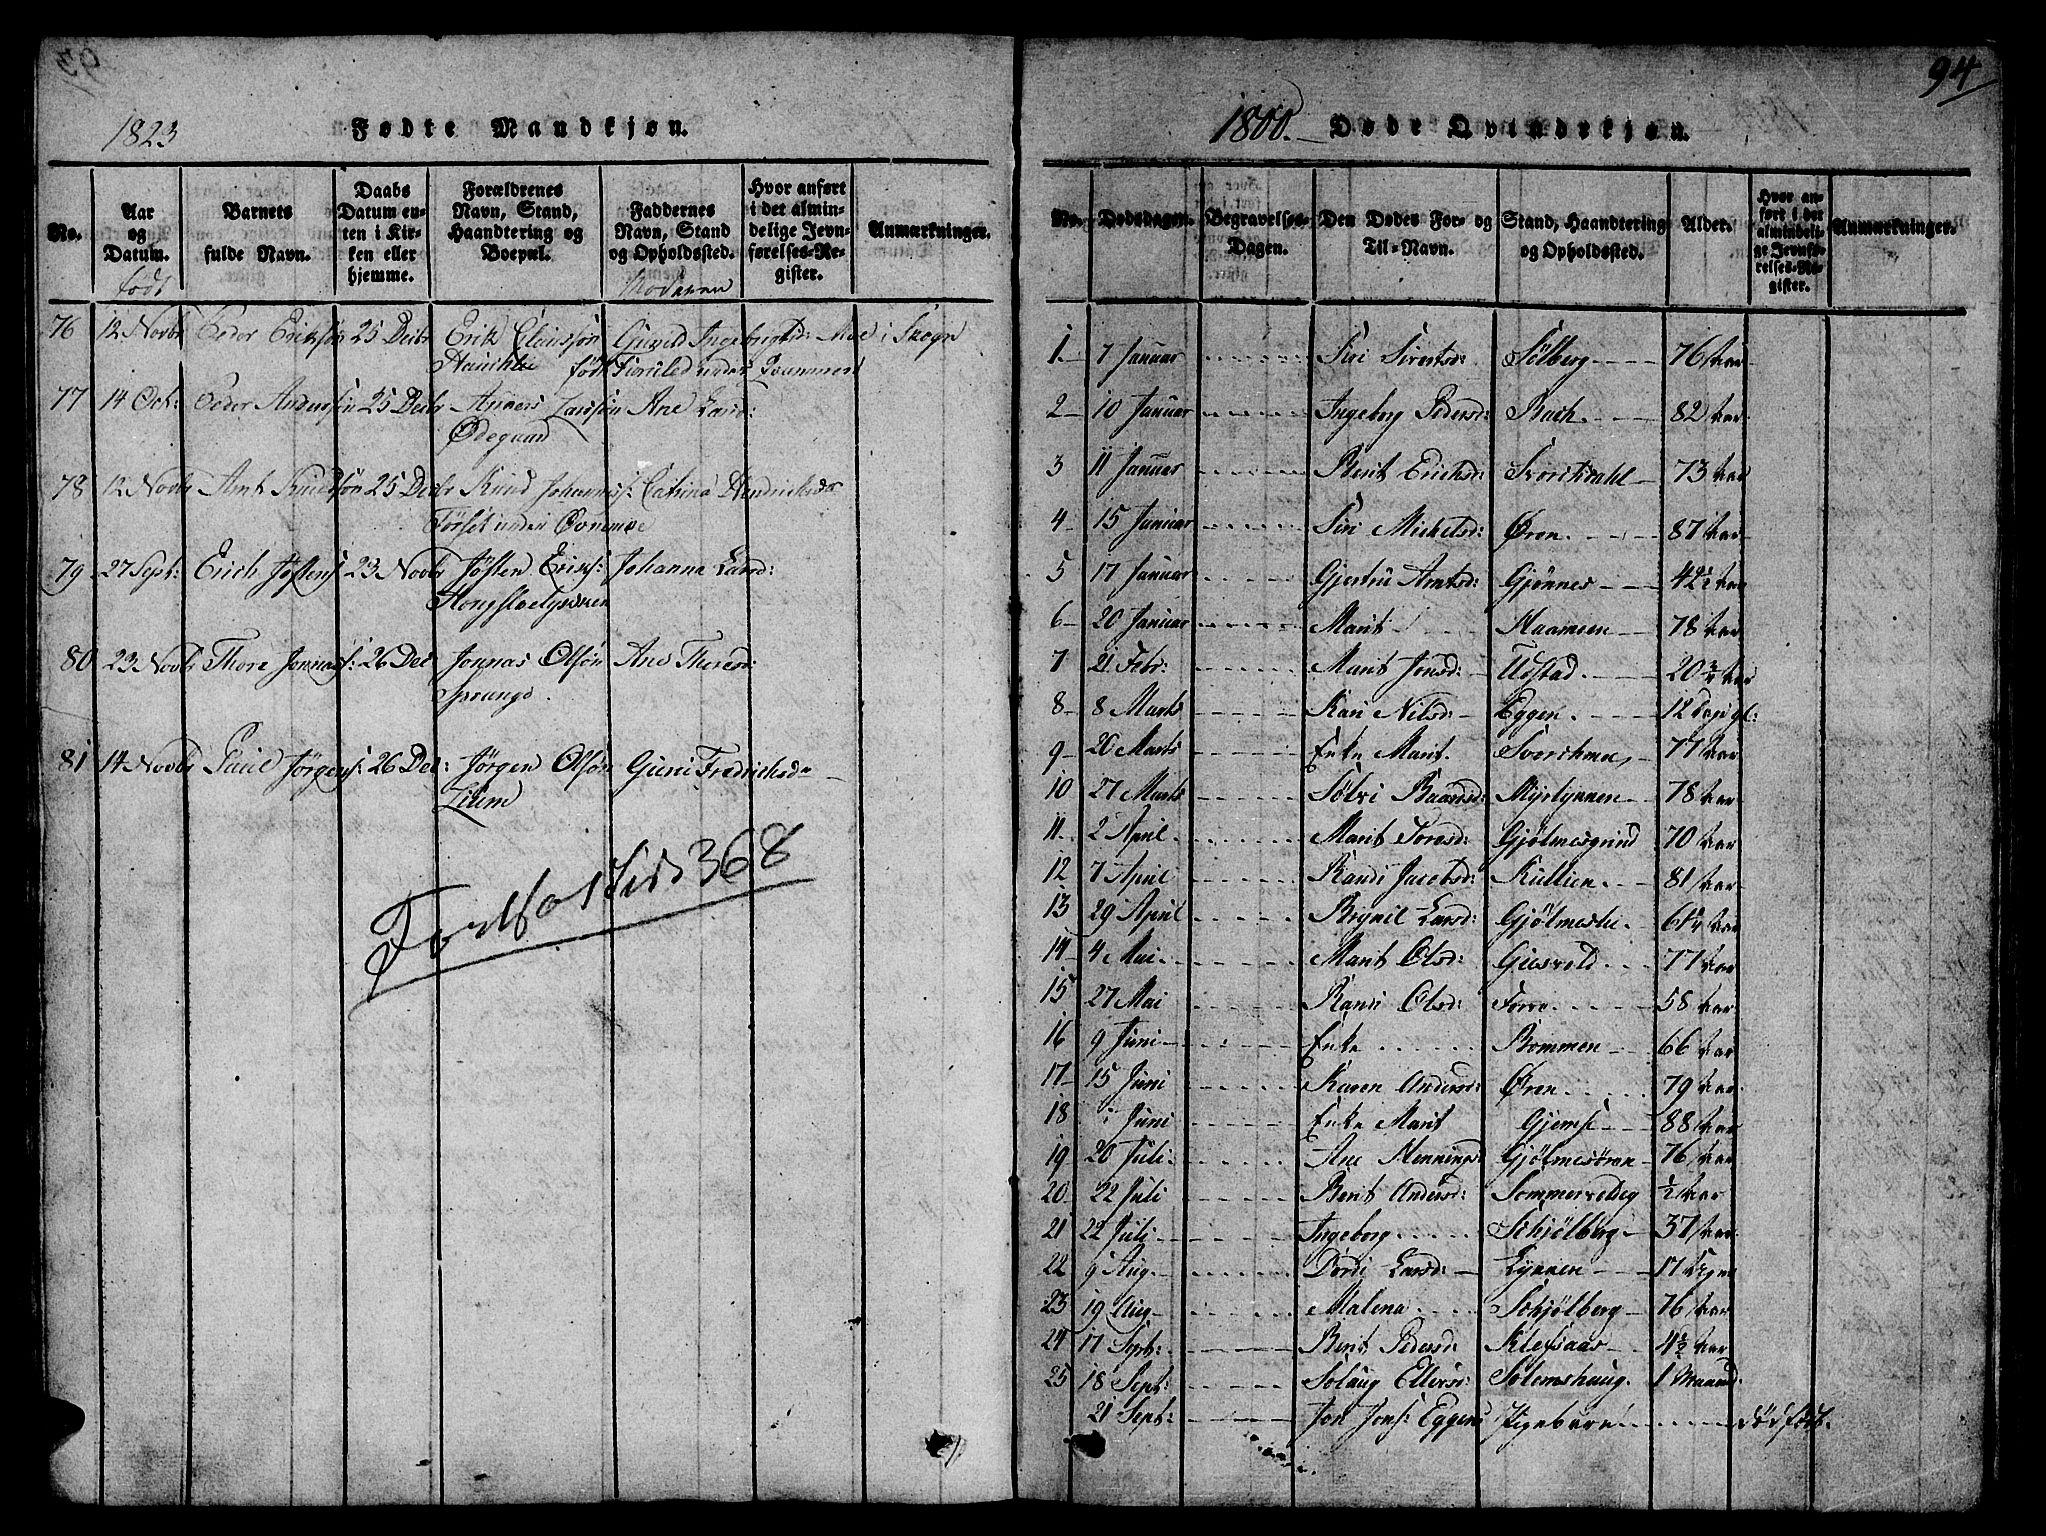 SAT, Ministerialprotokoller, klokkerbøker og fødselsregistre - Sør-Trøndelag, 668/L0803: Ministerialbok nr. 668A03, 1800-1826, s. 94